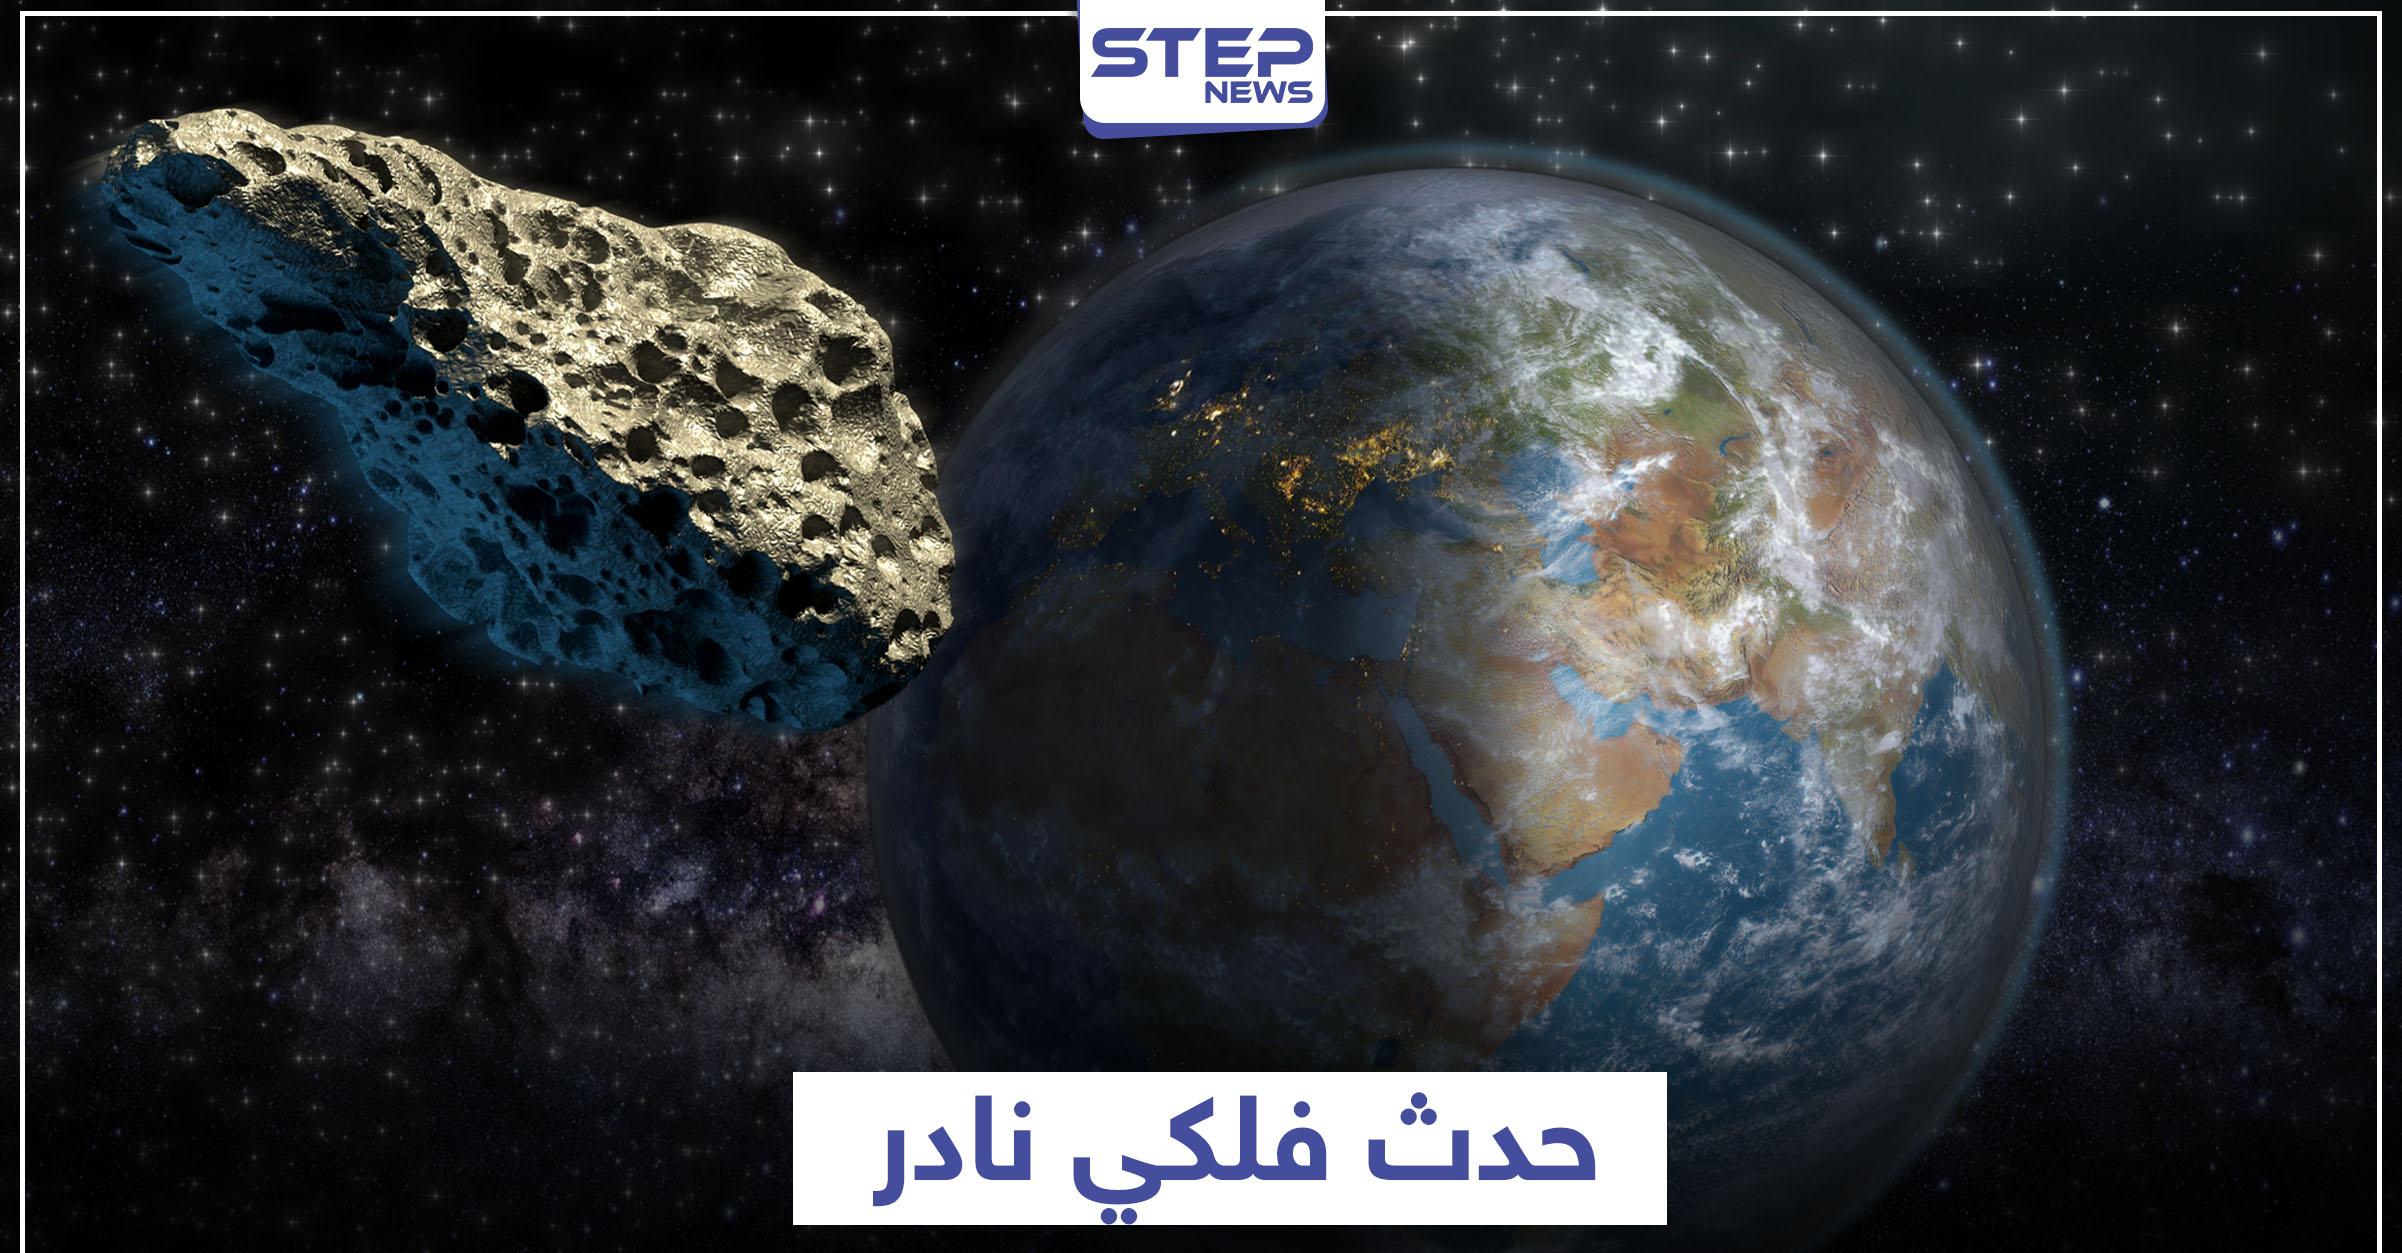 كويكب هائل يقترب من الأرض غدا السبت في حدث فلكي نادر